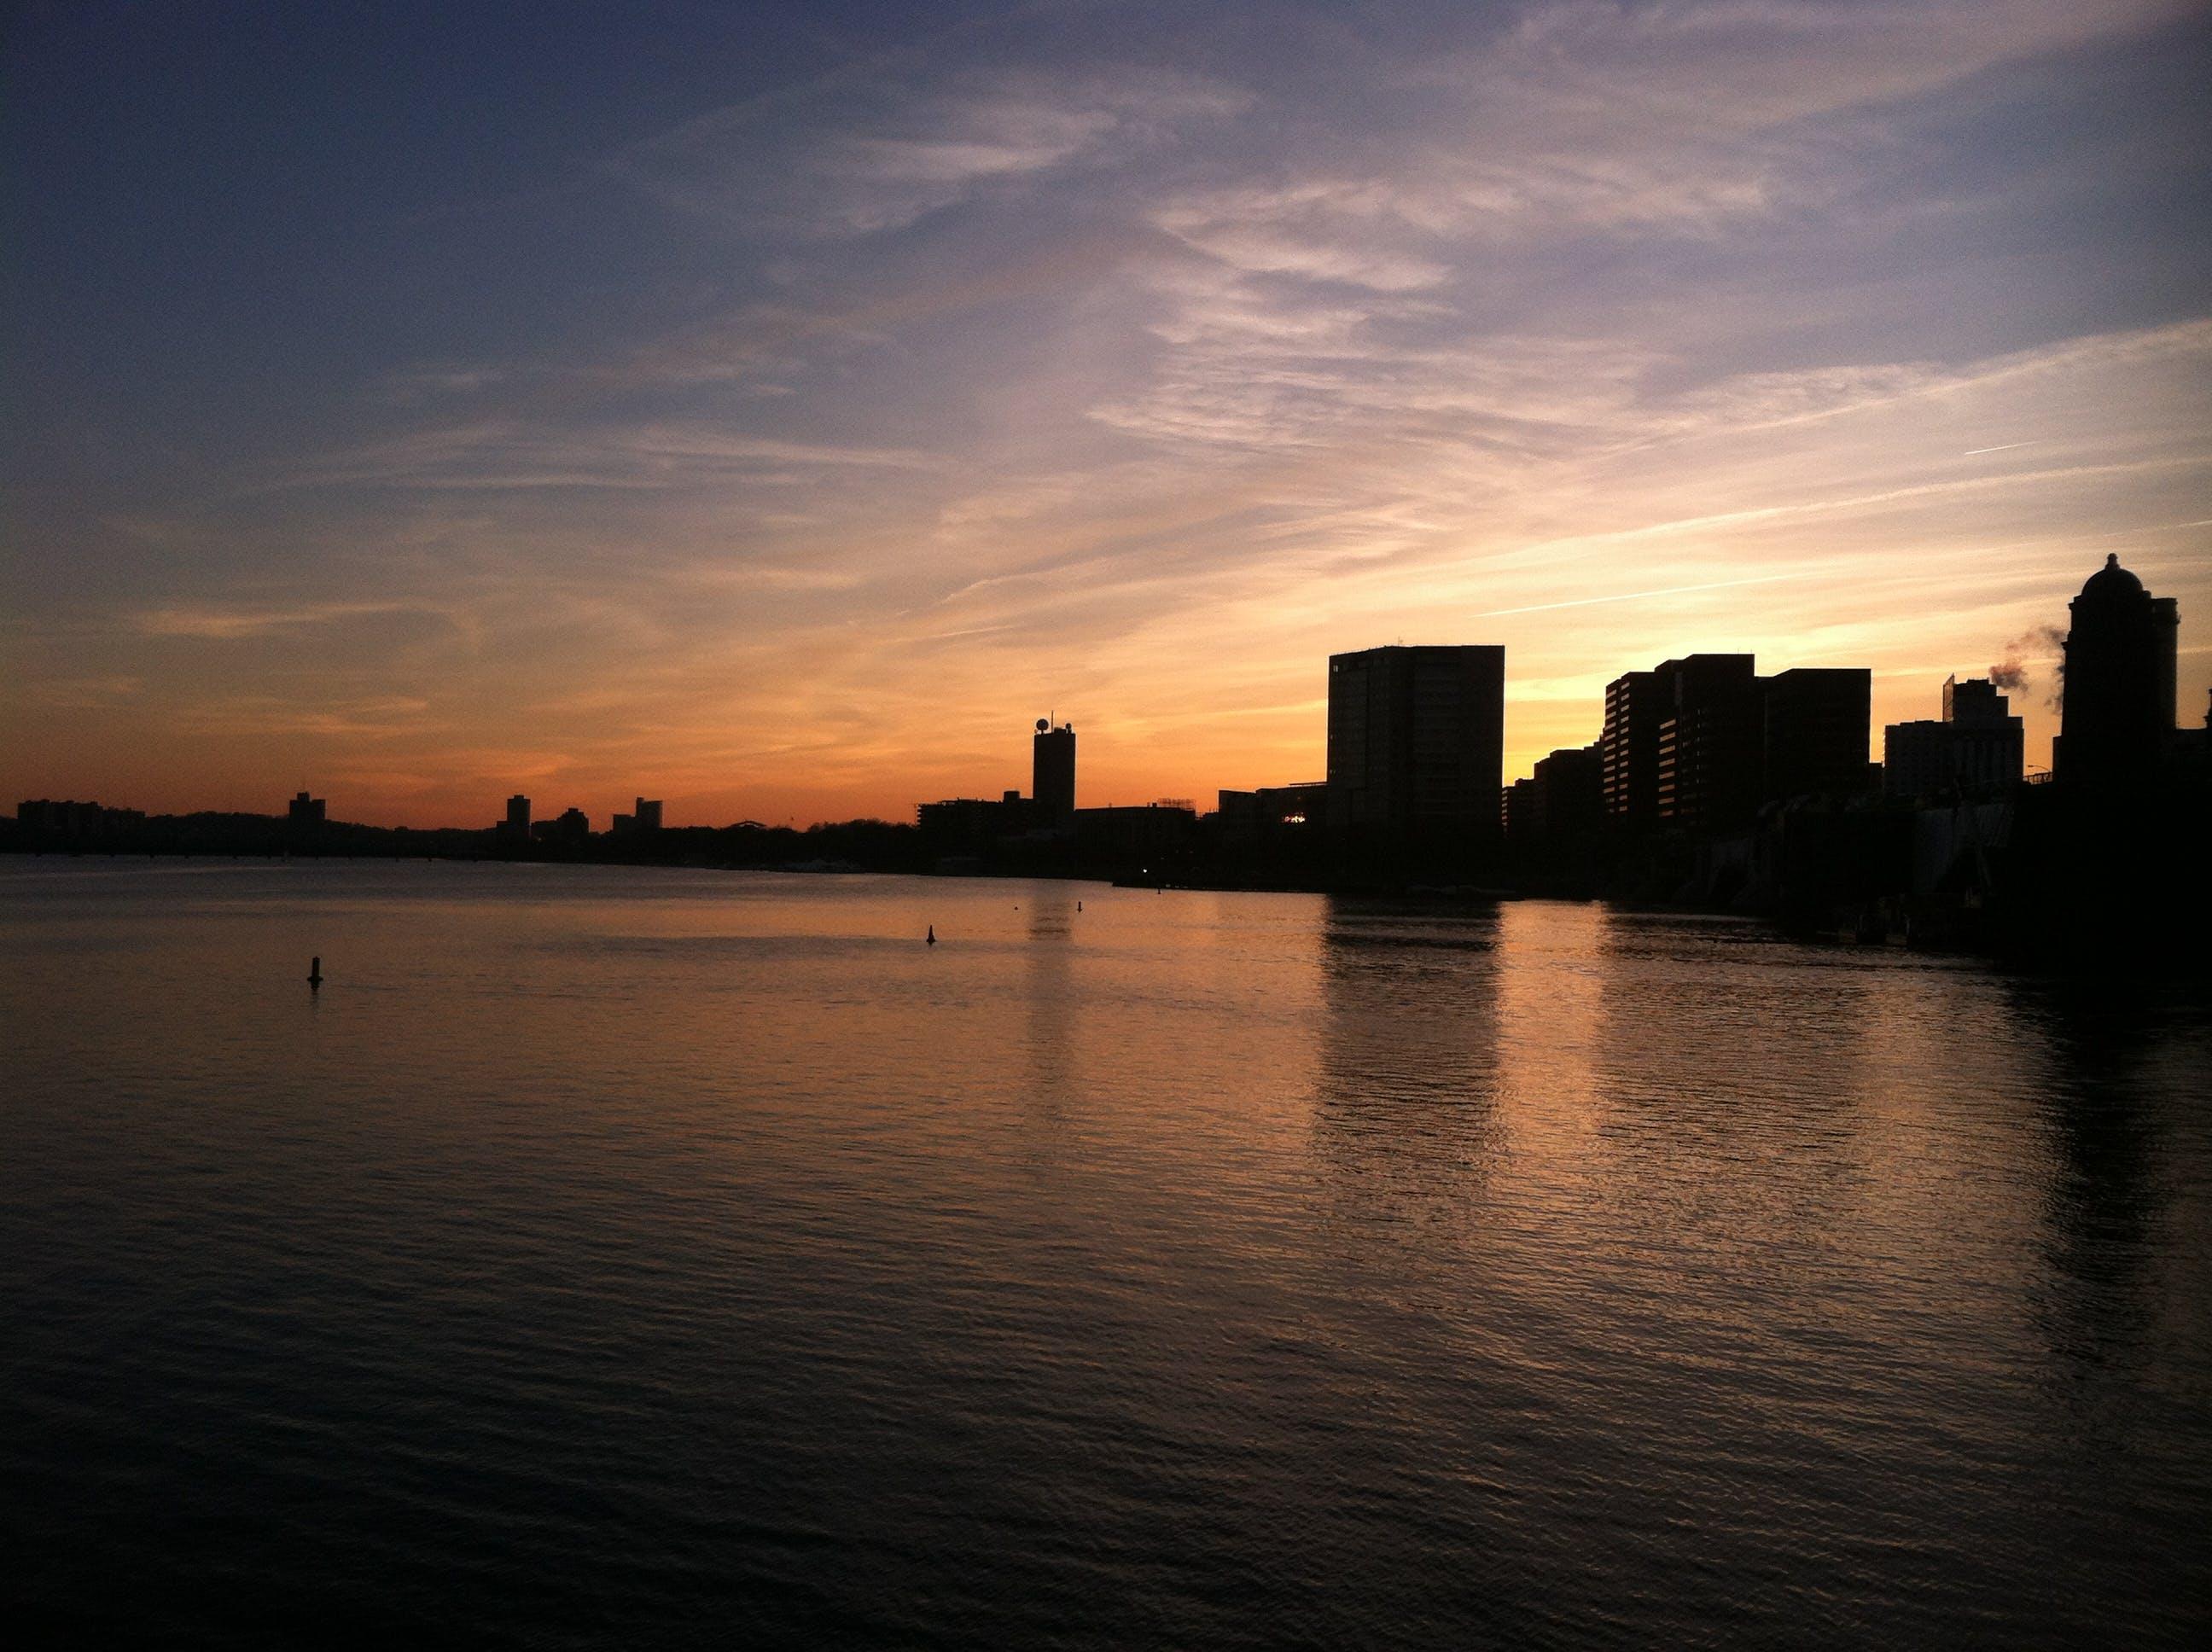 Free stock photo of sunset, skyline, twilight, dusk